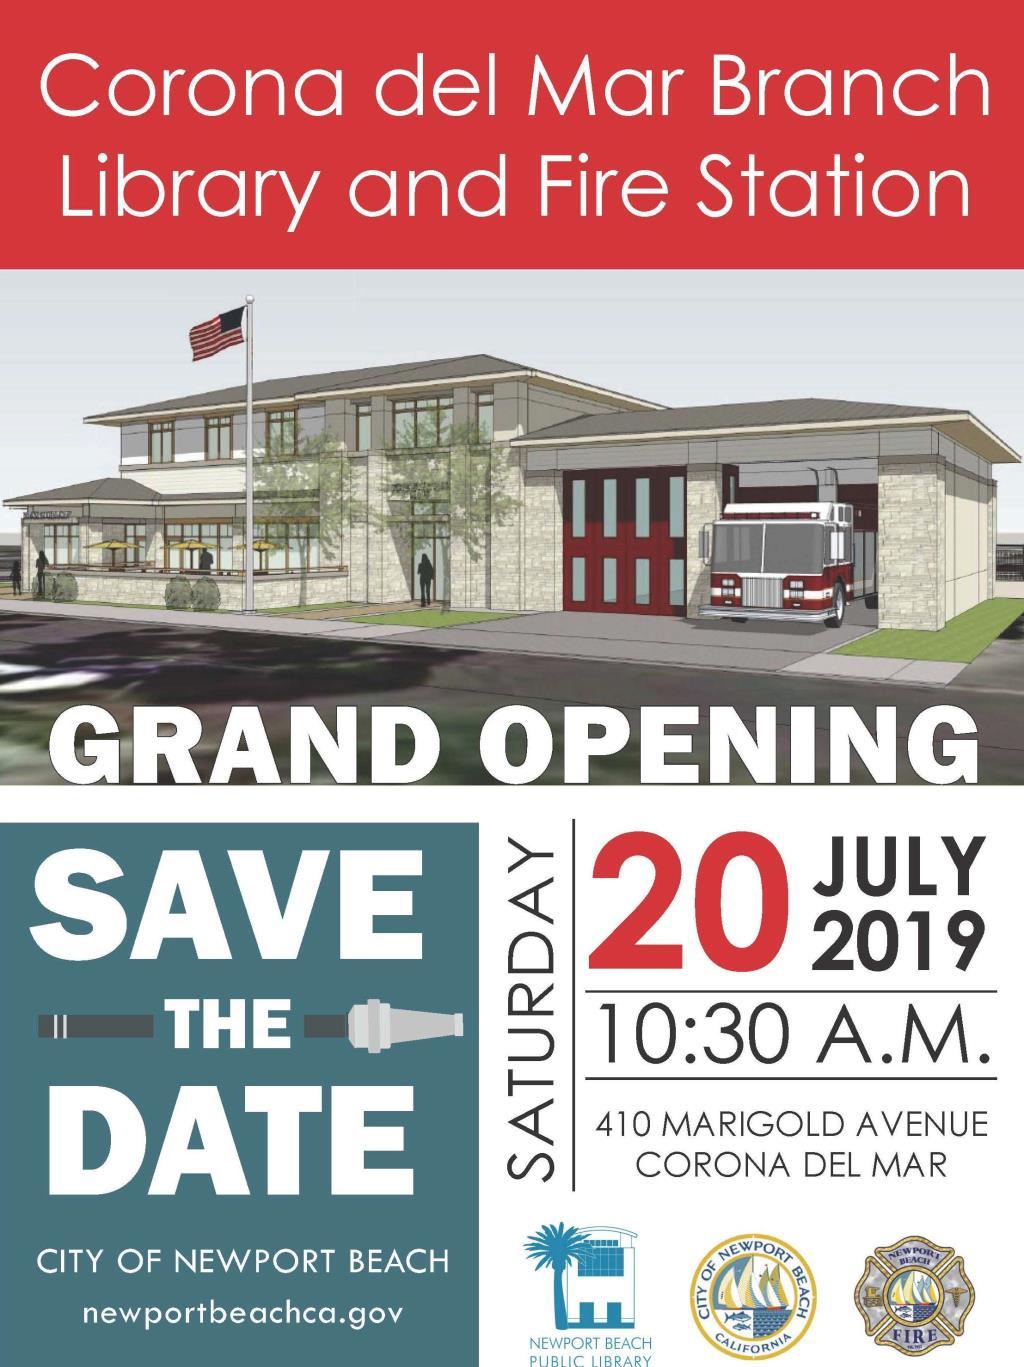 Corona del Mar Branch Library and Fire Station grand opening, save the date, Saturday, July 20, 2019, 10:30 a.m., 401 Marigold Avenue, Corona del Mar, newportbeachca.gov